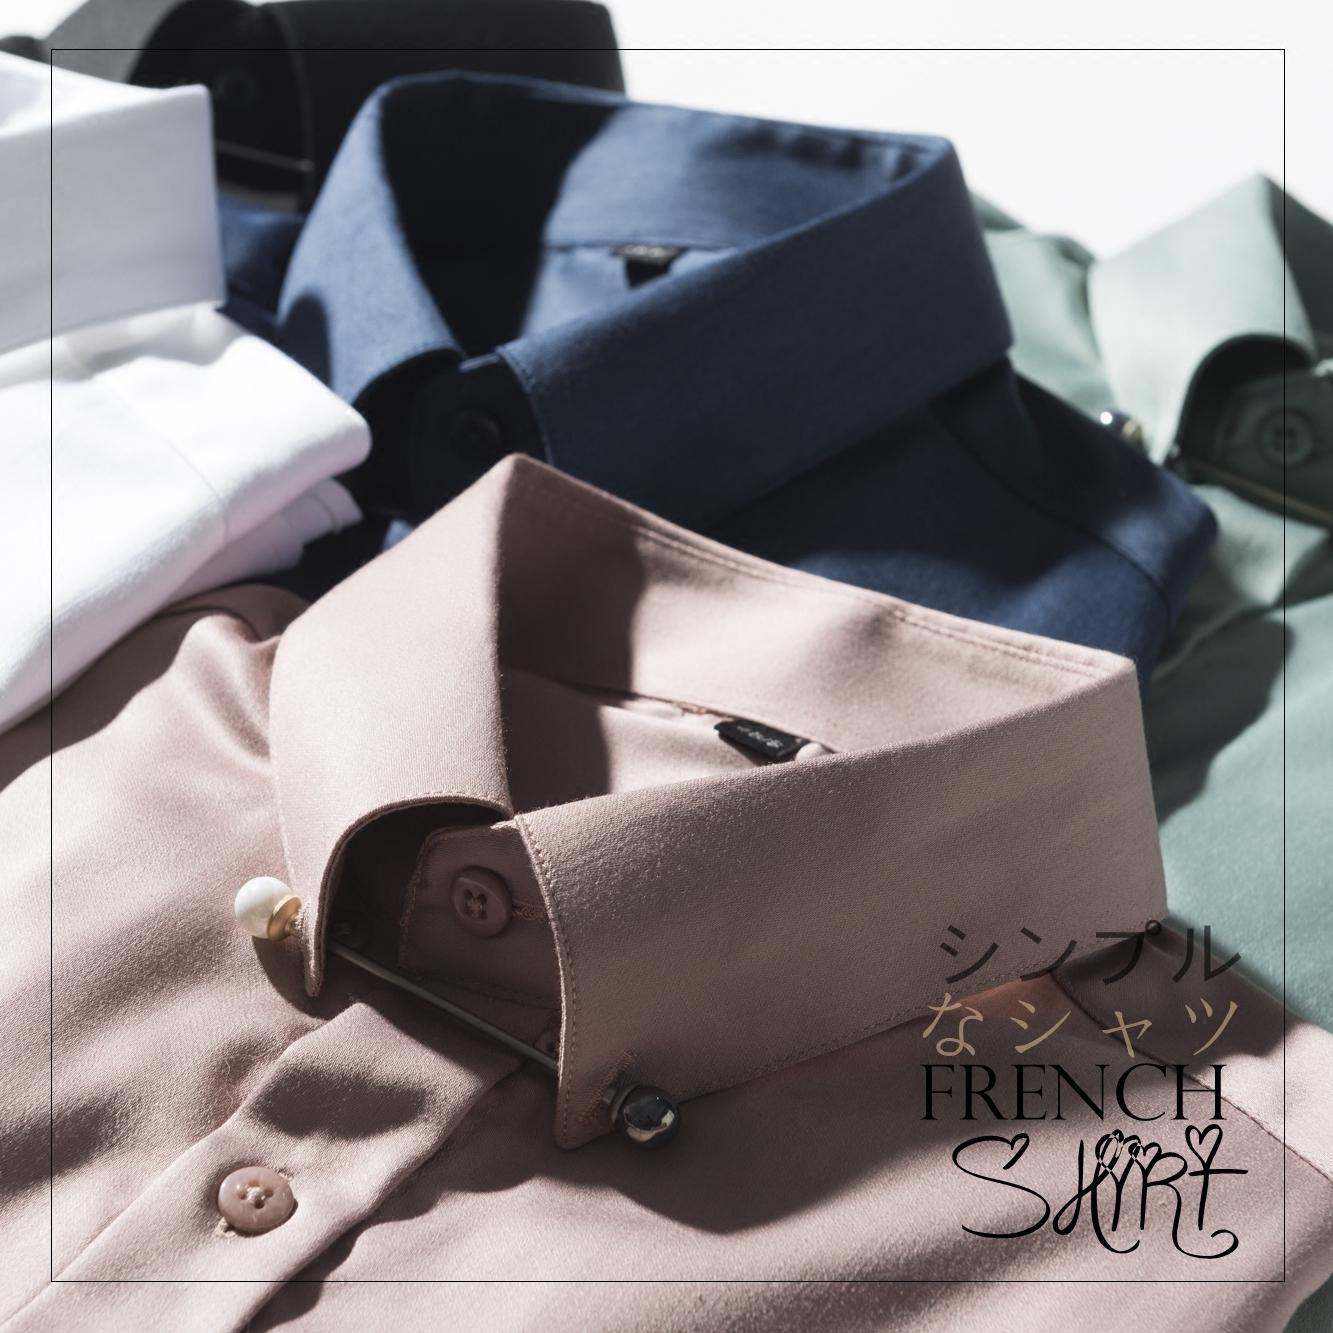 Французский запонка рубашка новая весна деньги провести свет тонкий костюм дикий с длинными рукавами и накладки одежда твердый не требует глажения через посещаемость мужчина рубашка